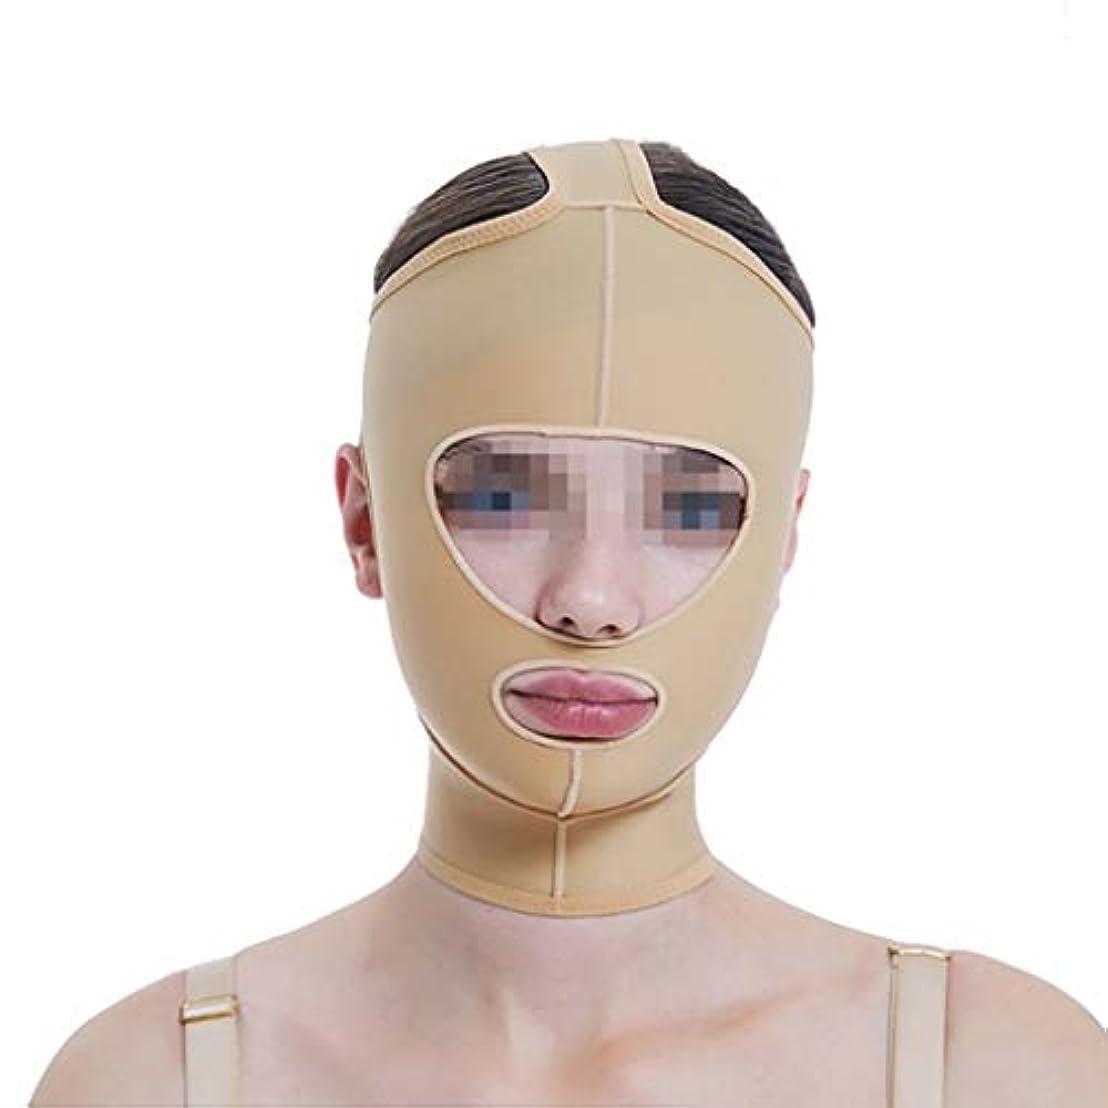 胃効能ある私たちのXHLMRMJ フェイスリフトマスク、ラインカービングフェイスエラスティックセットシンダブルチンVフェイスビーム、マルチサイズオプション (Size : M)